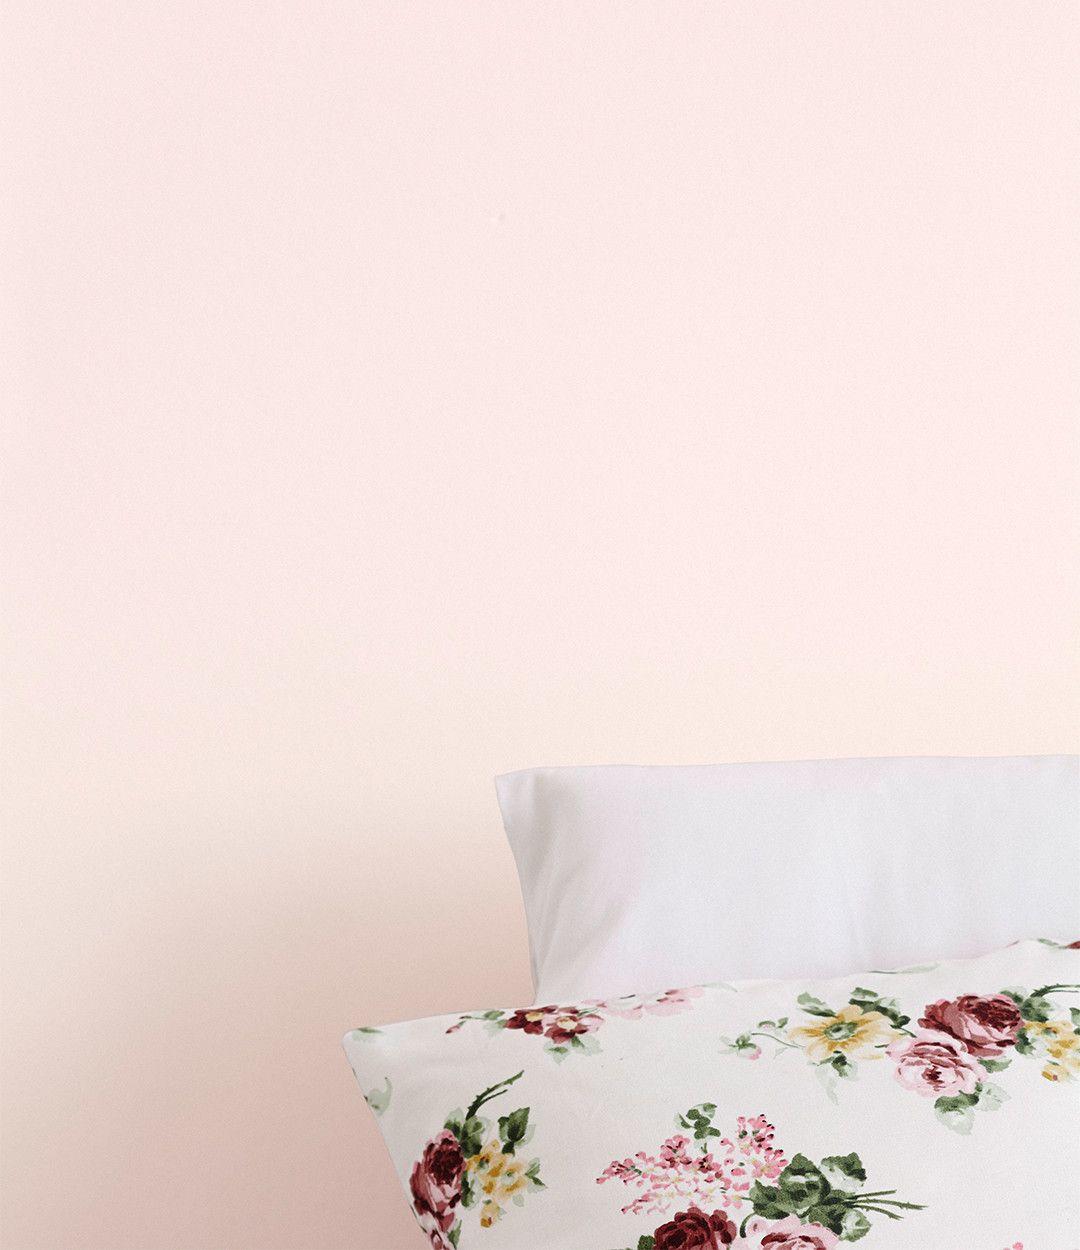 alpina feine farben no 24 zarte romantik wei entspricht dem sanften naturell der - Romantische Schlafzimmer Farbschemata